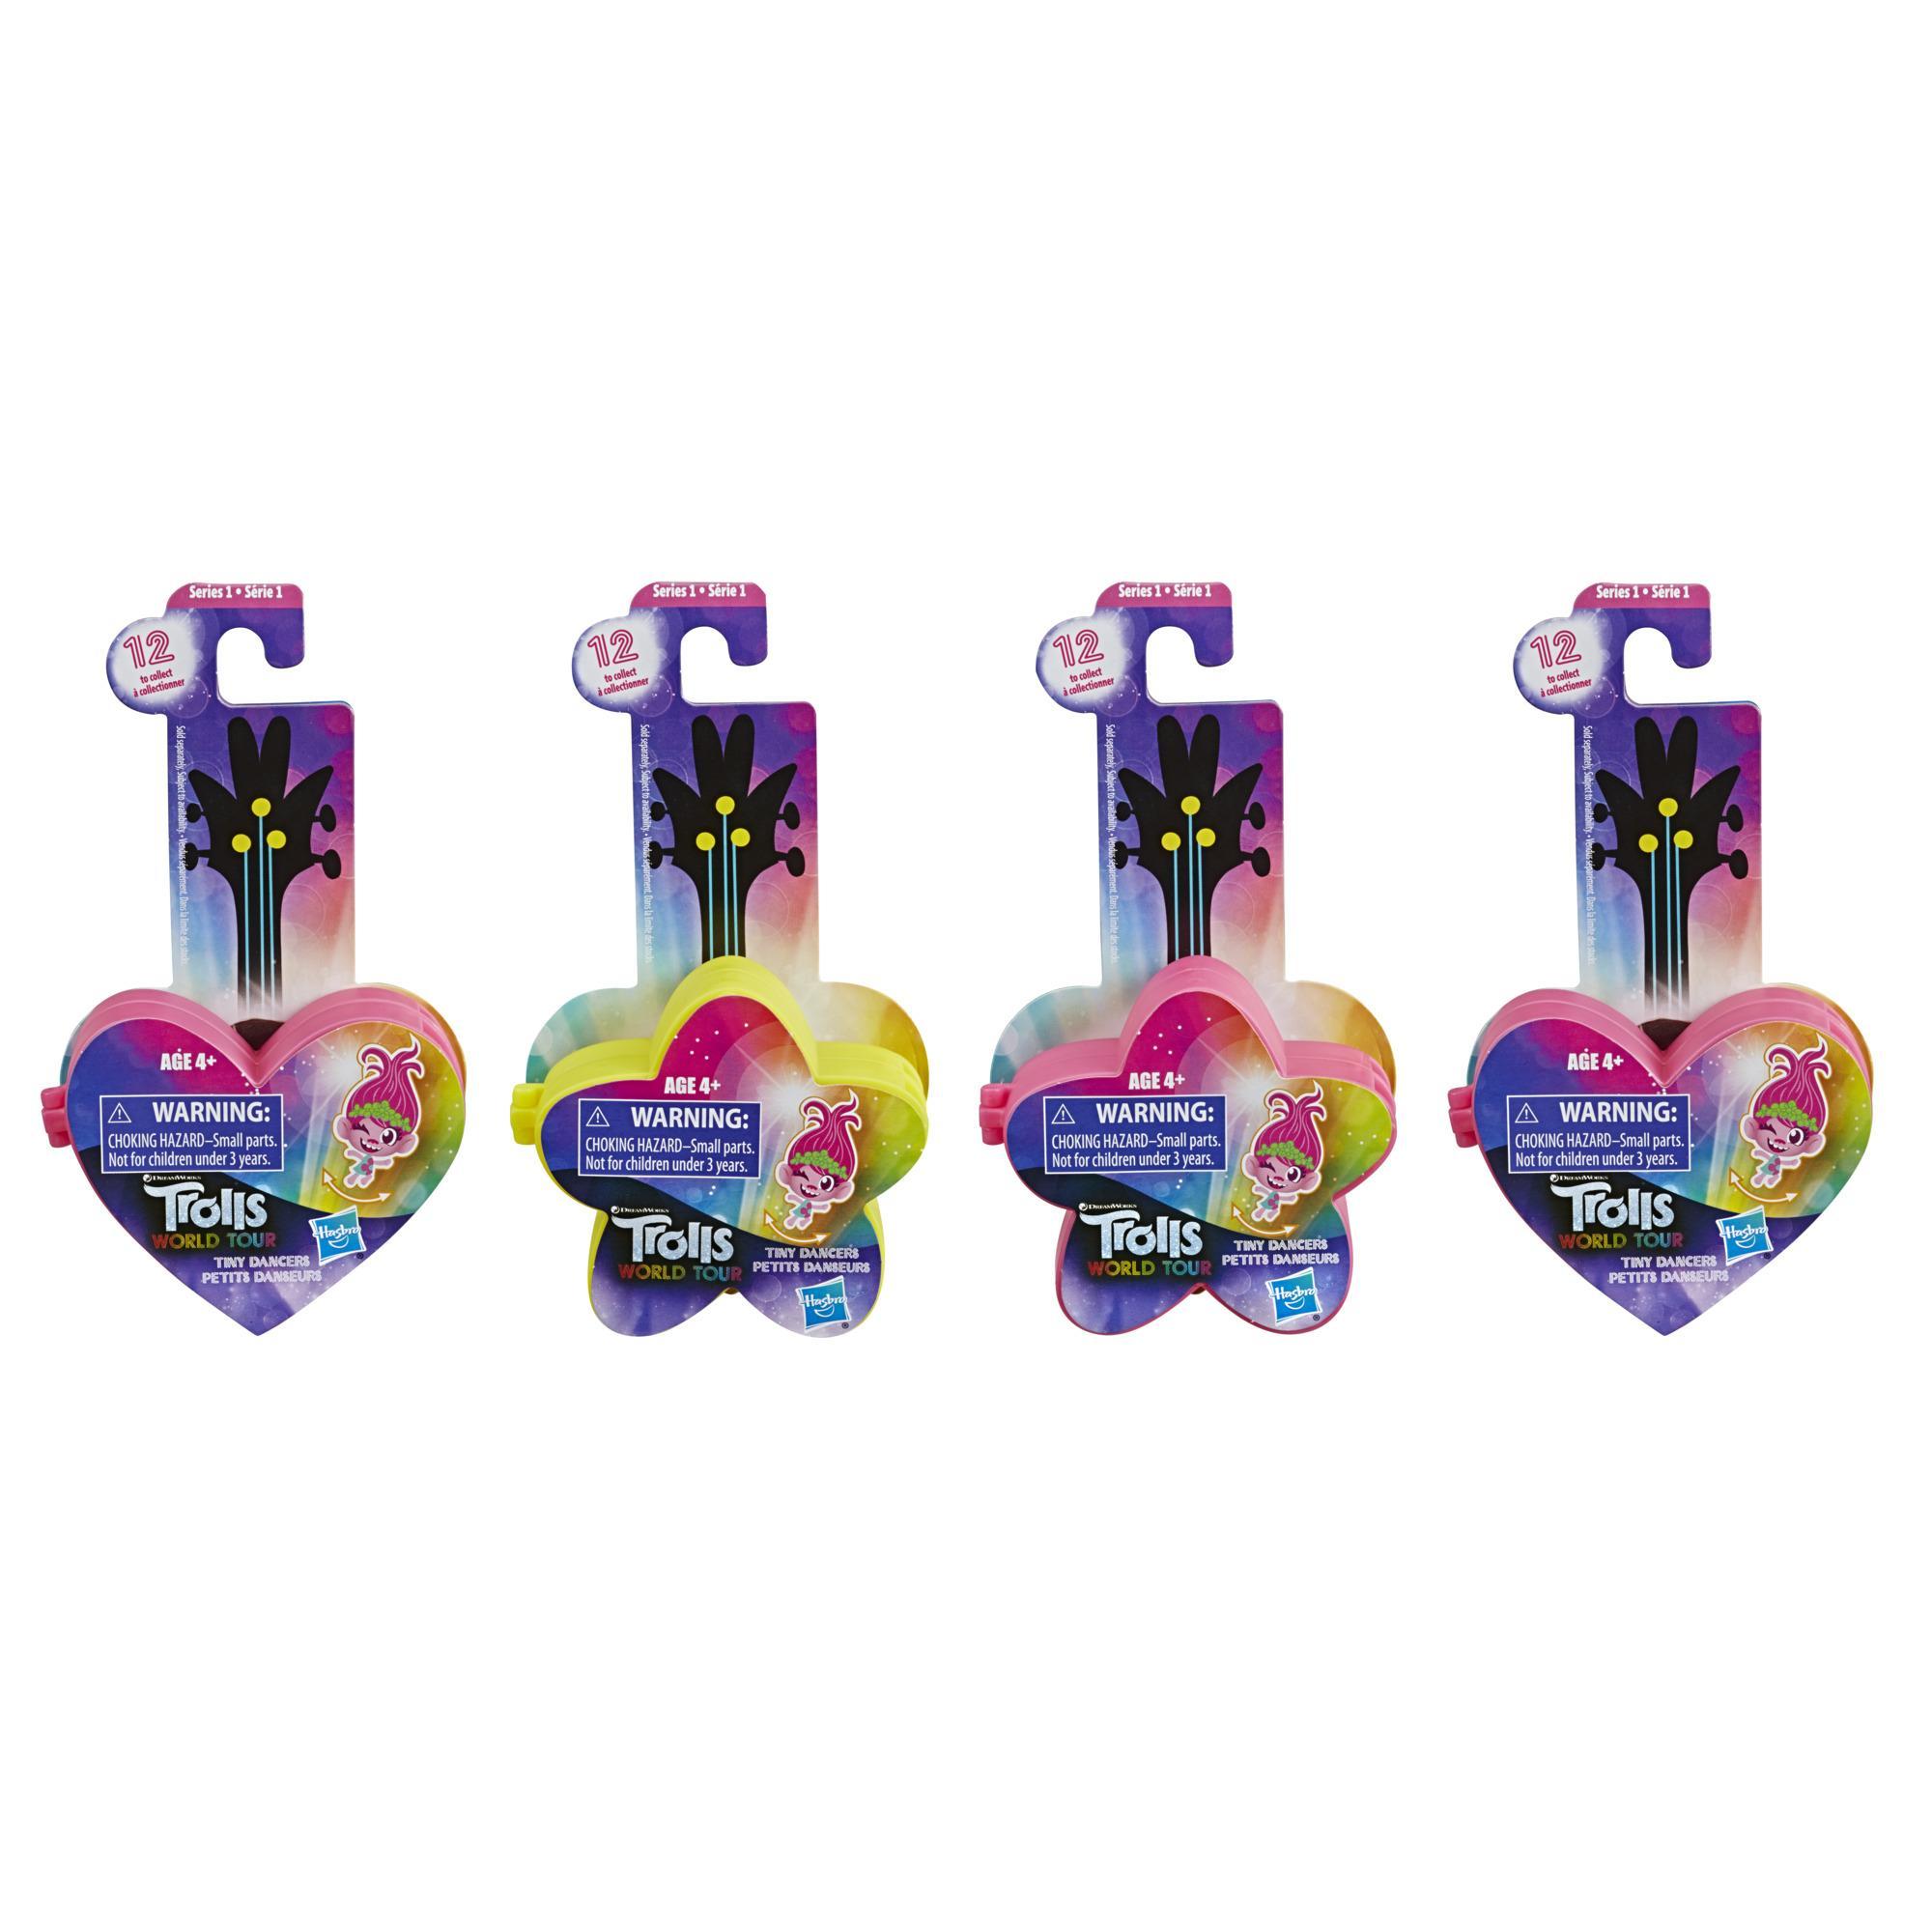 Pack sorpresa de 4 de las Tiny Dancers de Trolls 2: Gira Mundial de DreamWorks Series 1, 4 muñecos de las Tiny Dancers, juguete para niños a partir de 4 años